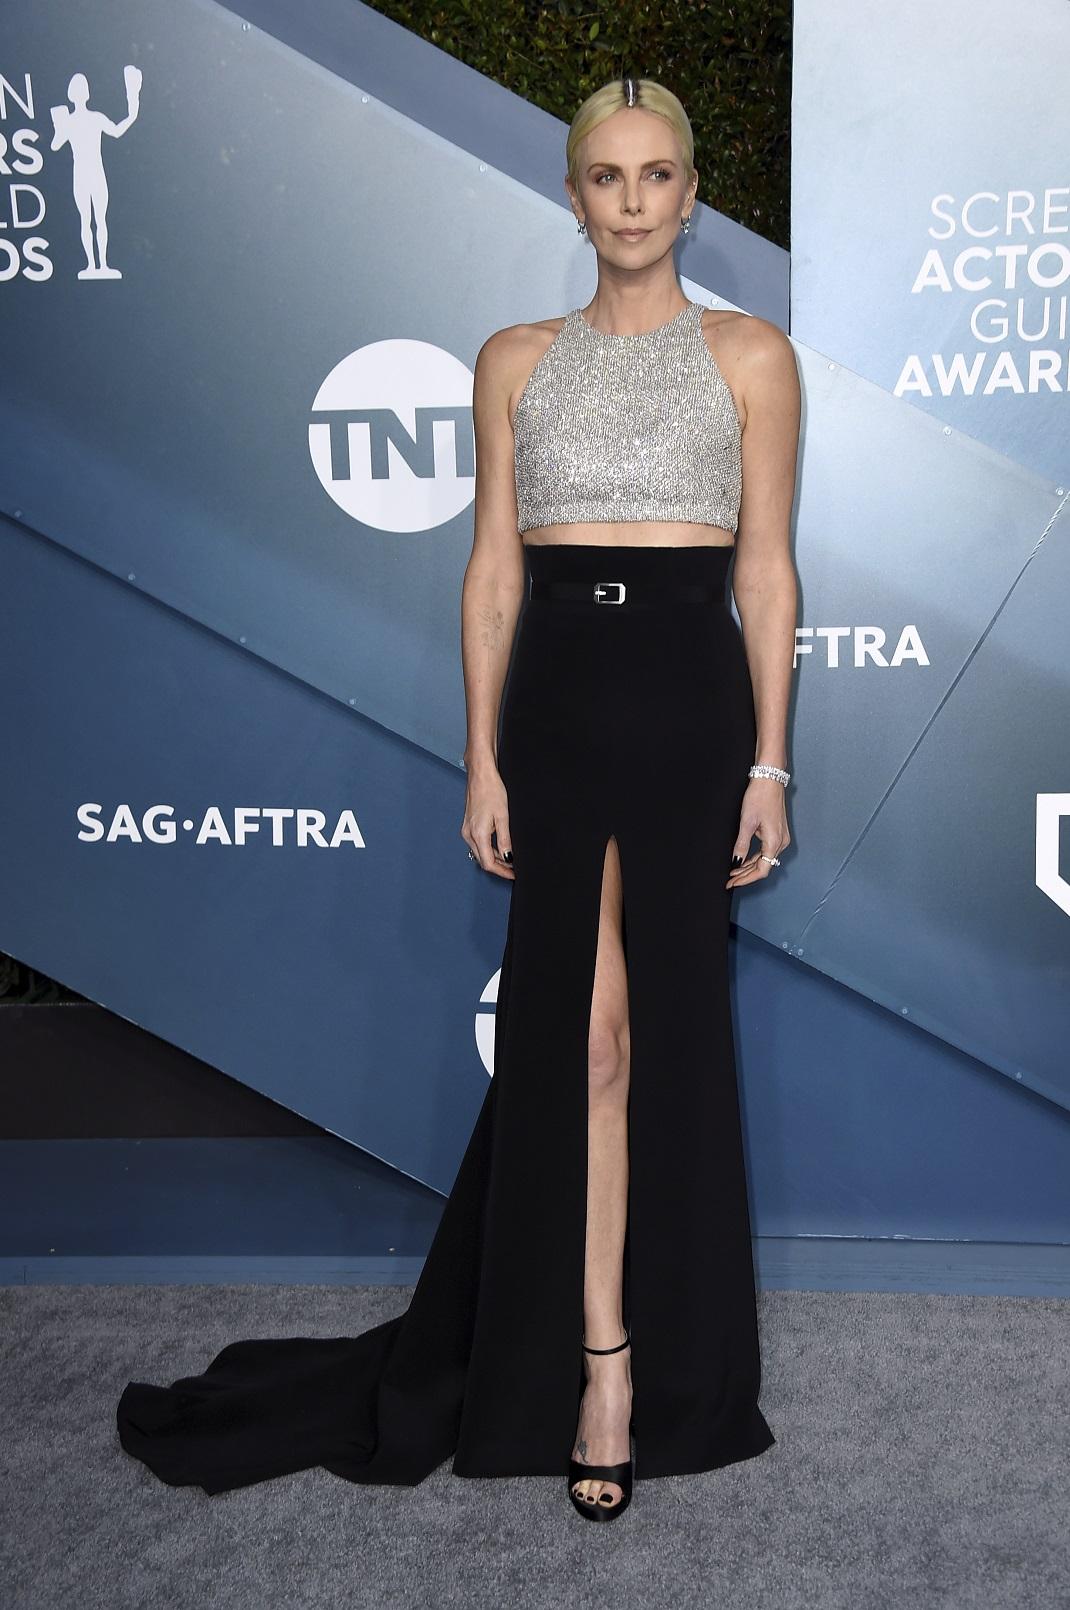 Η Σαρλίζ Θερόν με άβαφη ρίζα στα SAG Awards φορά crop top και μαύρη μακριά φούστα